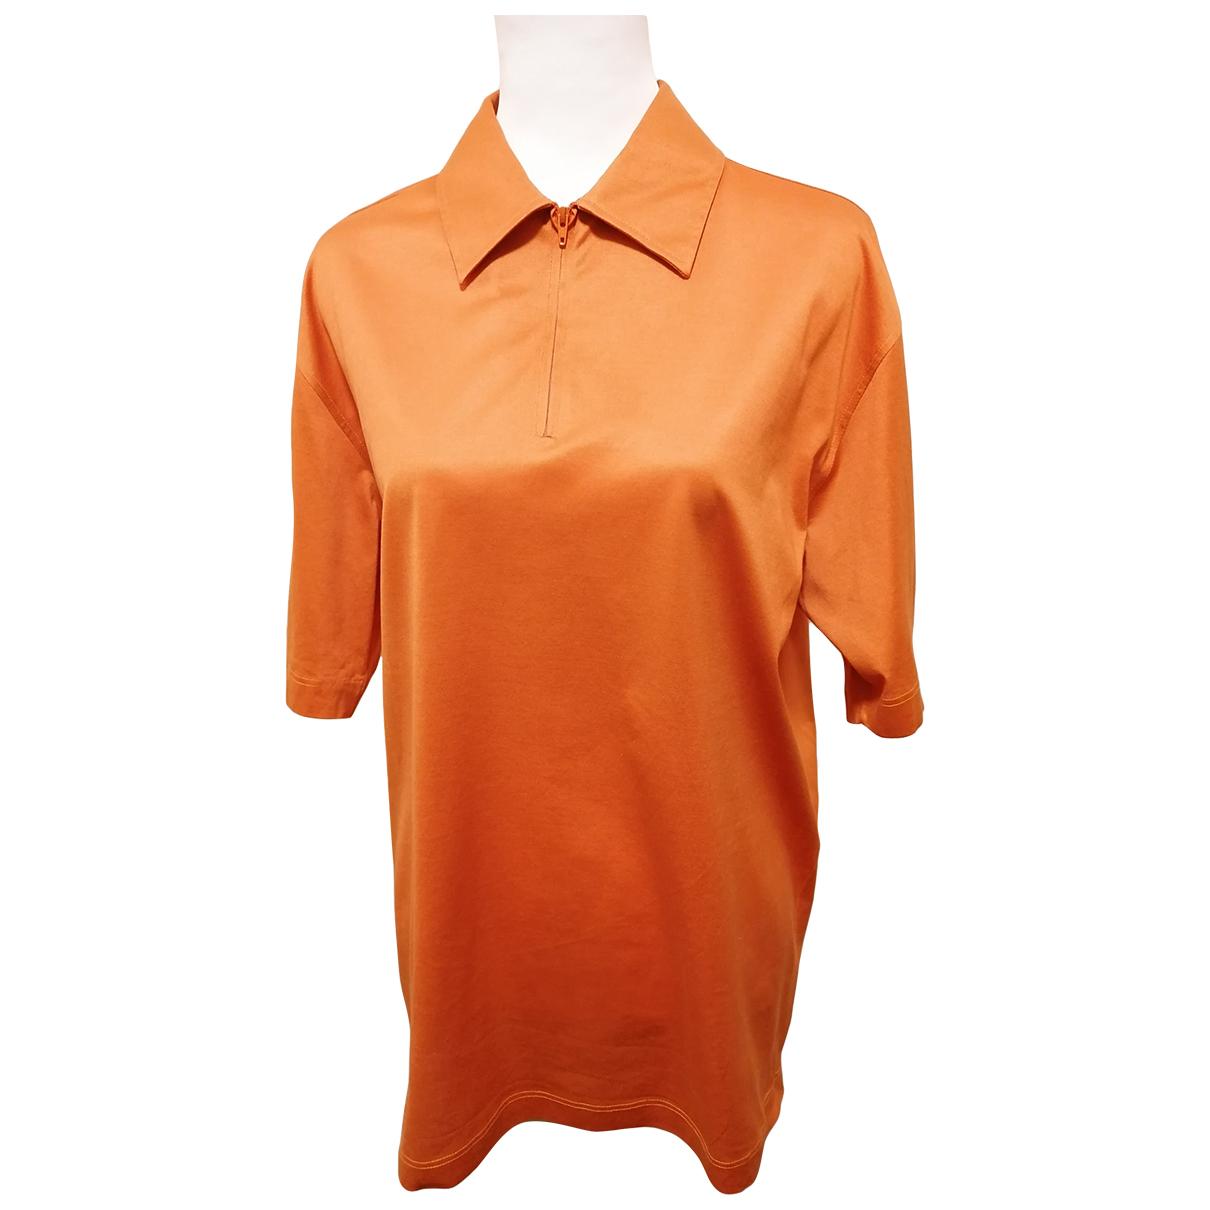 Harrington - Tee shirts   pour homme en coton - orange